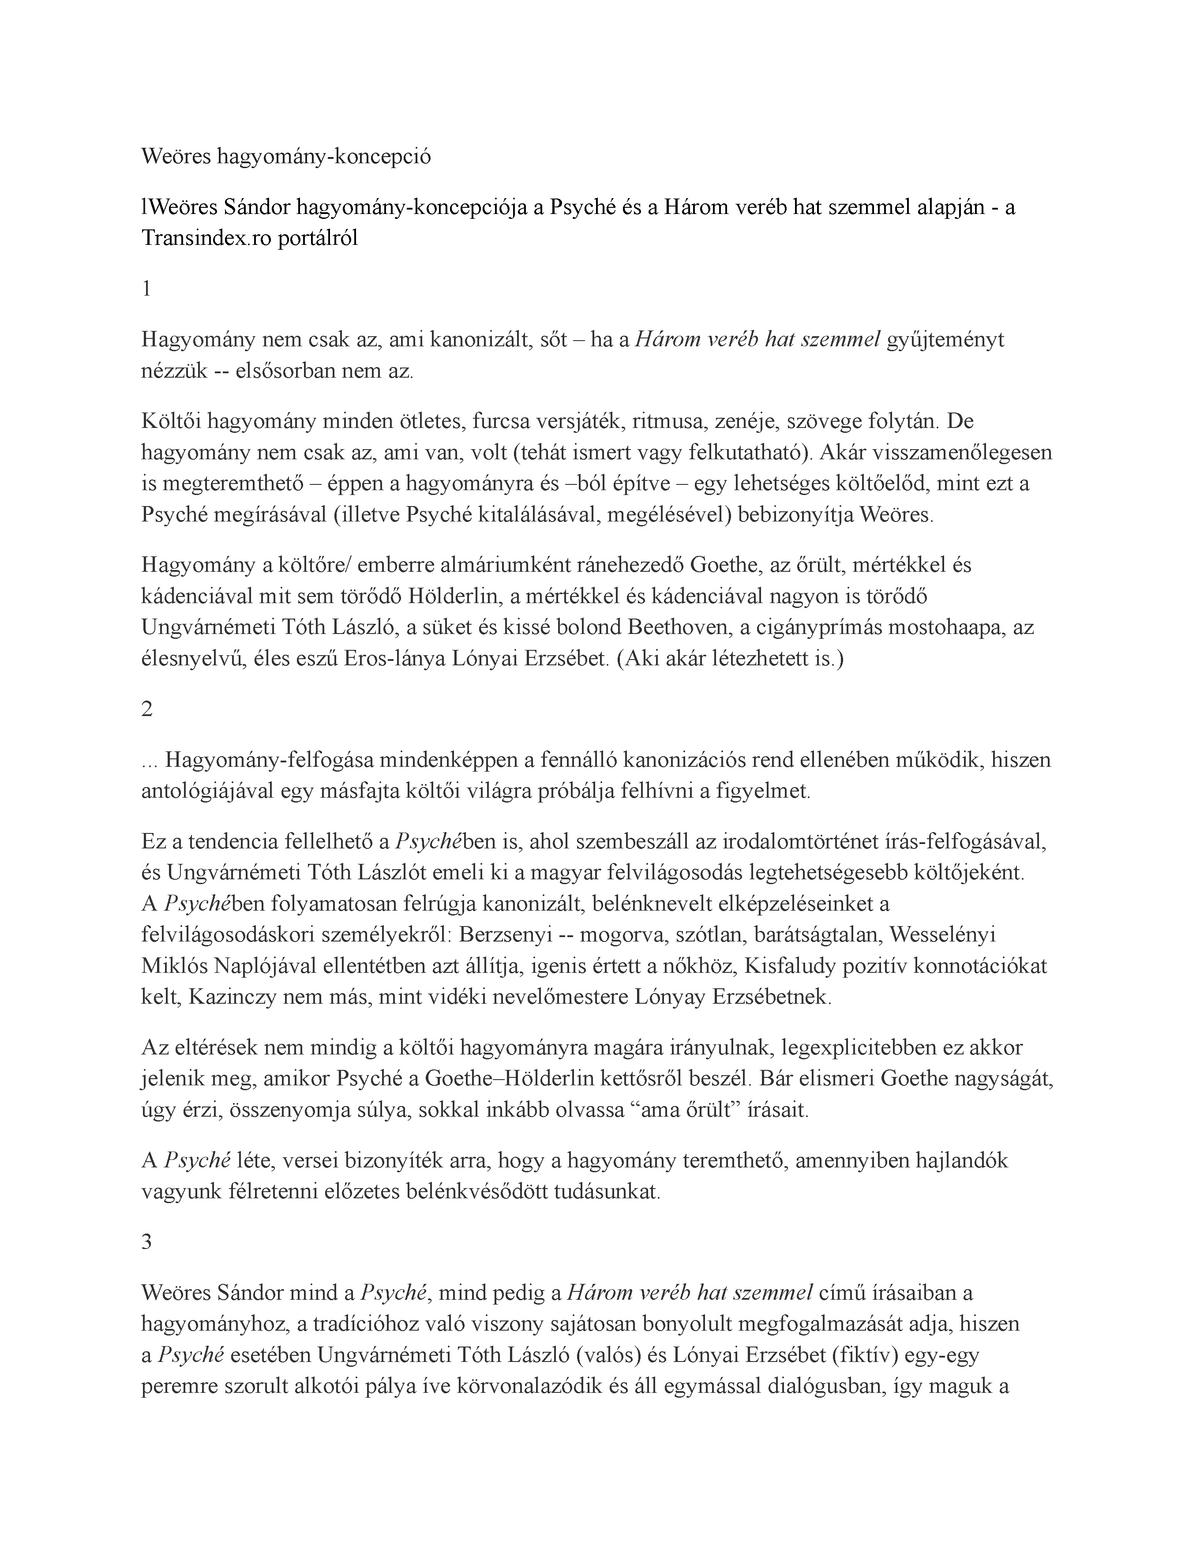 schistosomiasis kezelésére vonatkozó irányelvek